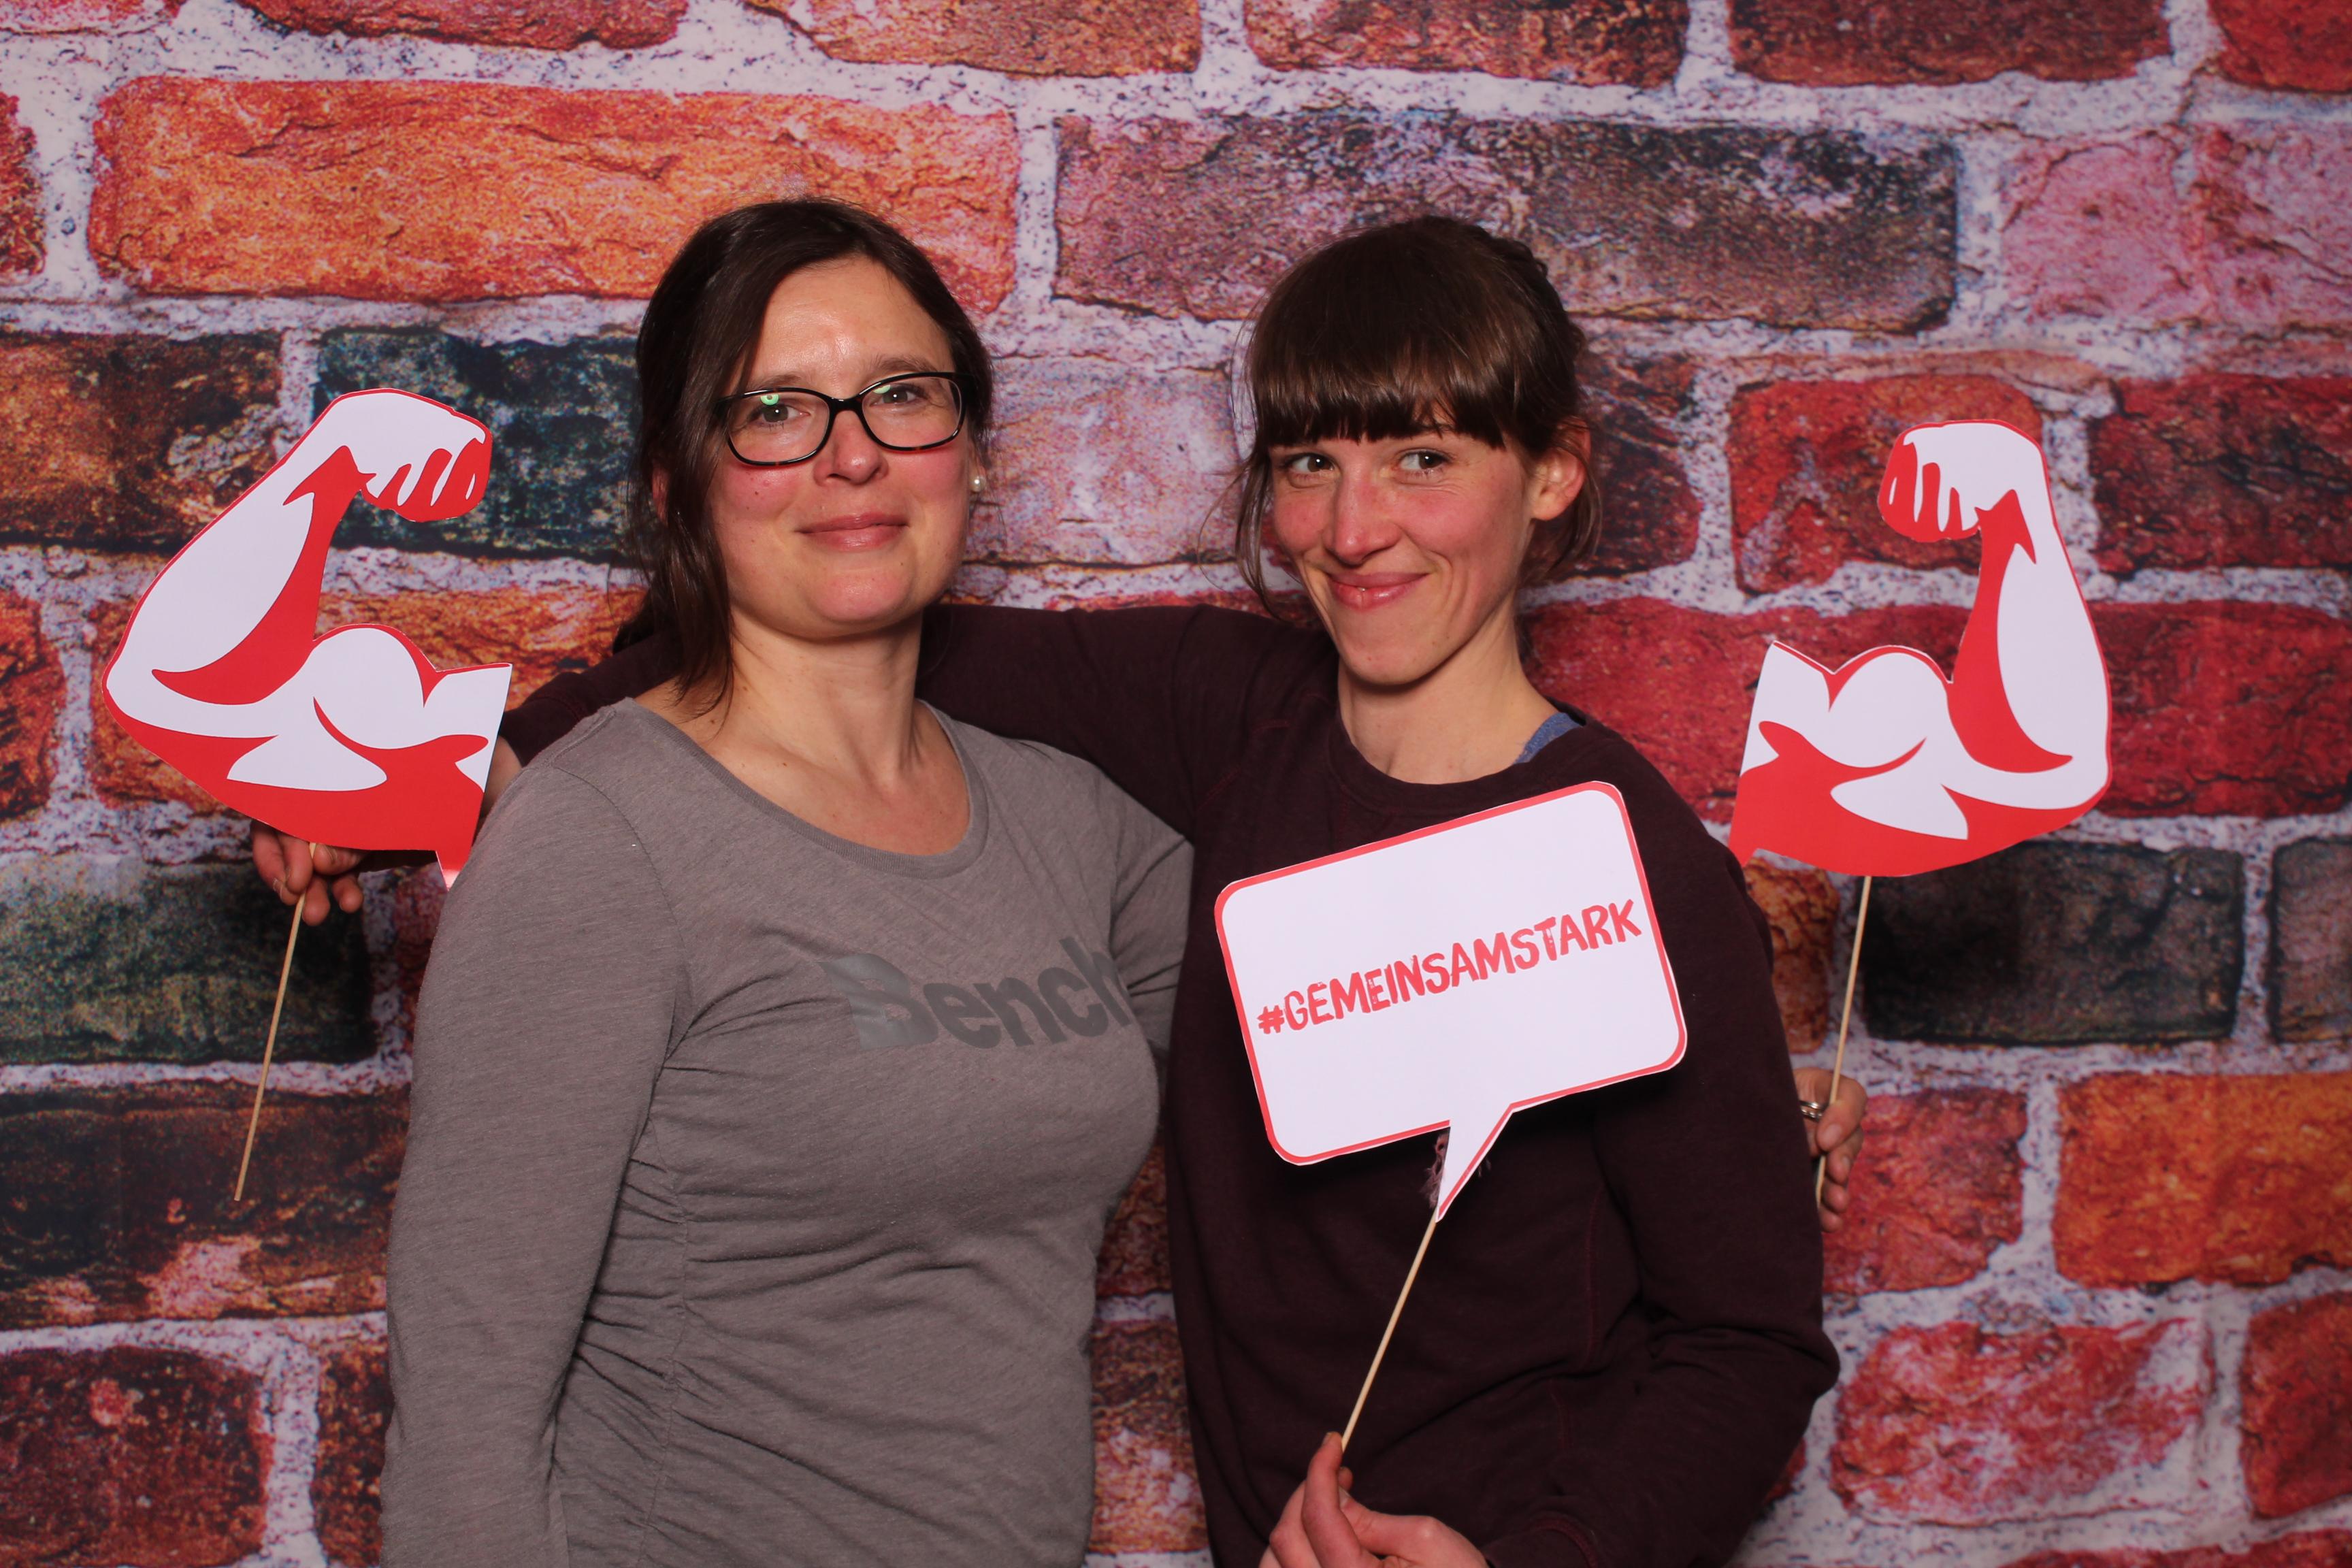 """Zwei Mitarbeiterinnen des Verbandes mit einem Schild, das die Aufschrift """"Gemeinsam stark!"""" trägt"""